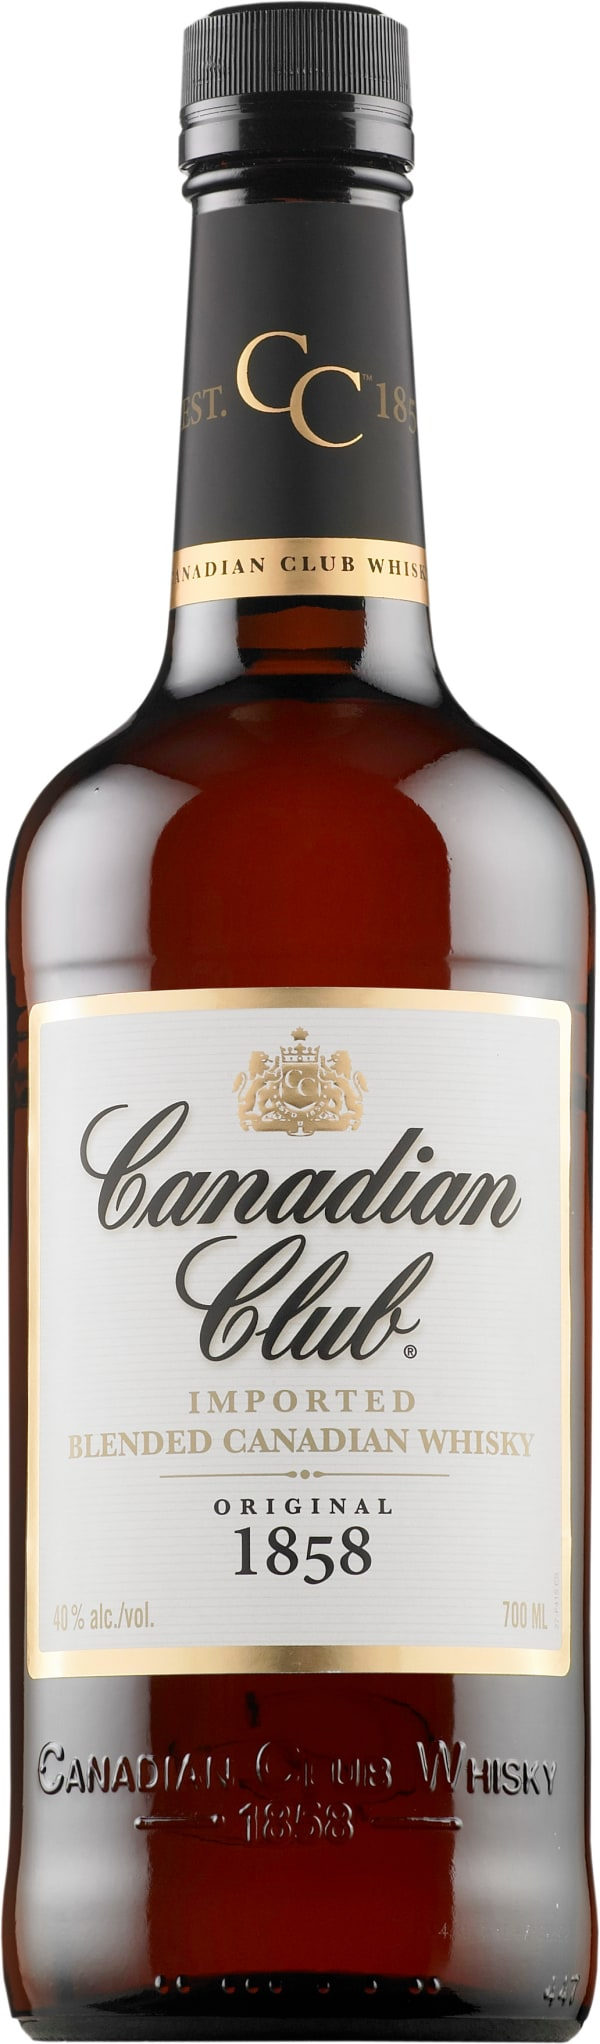 Canadian Club